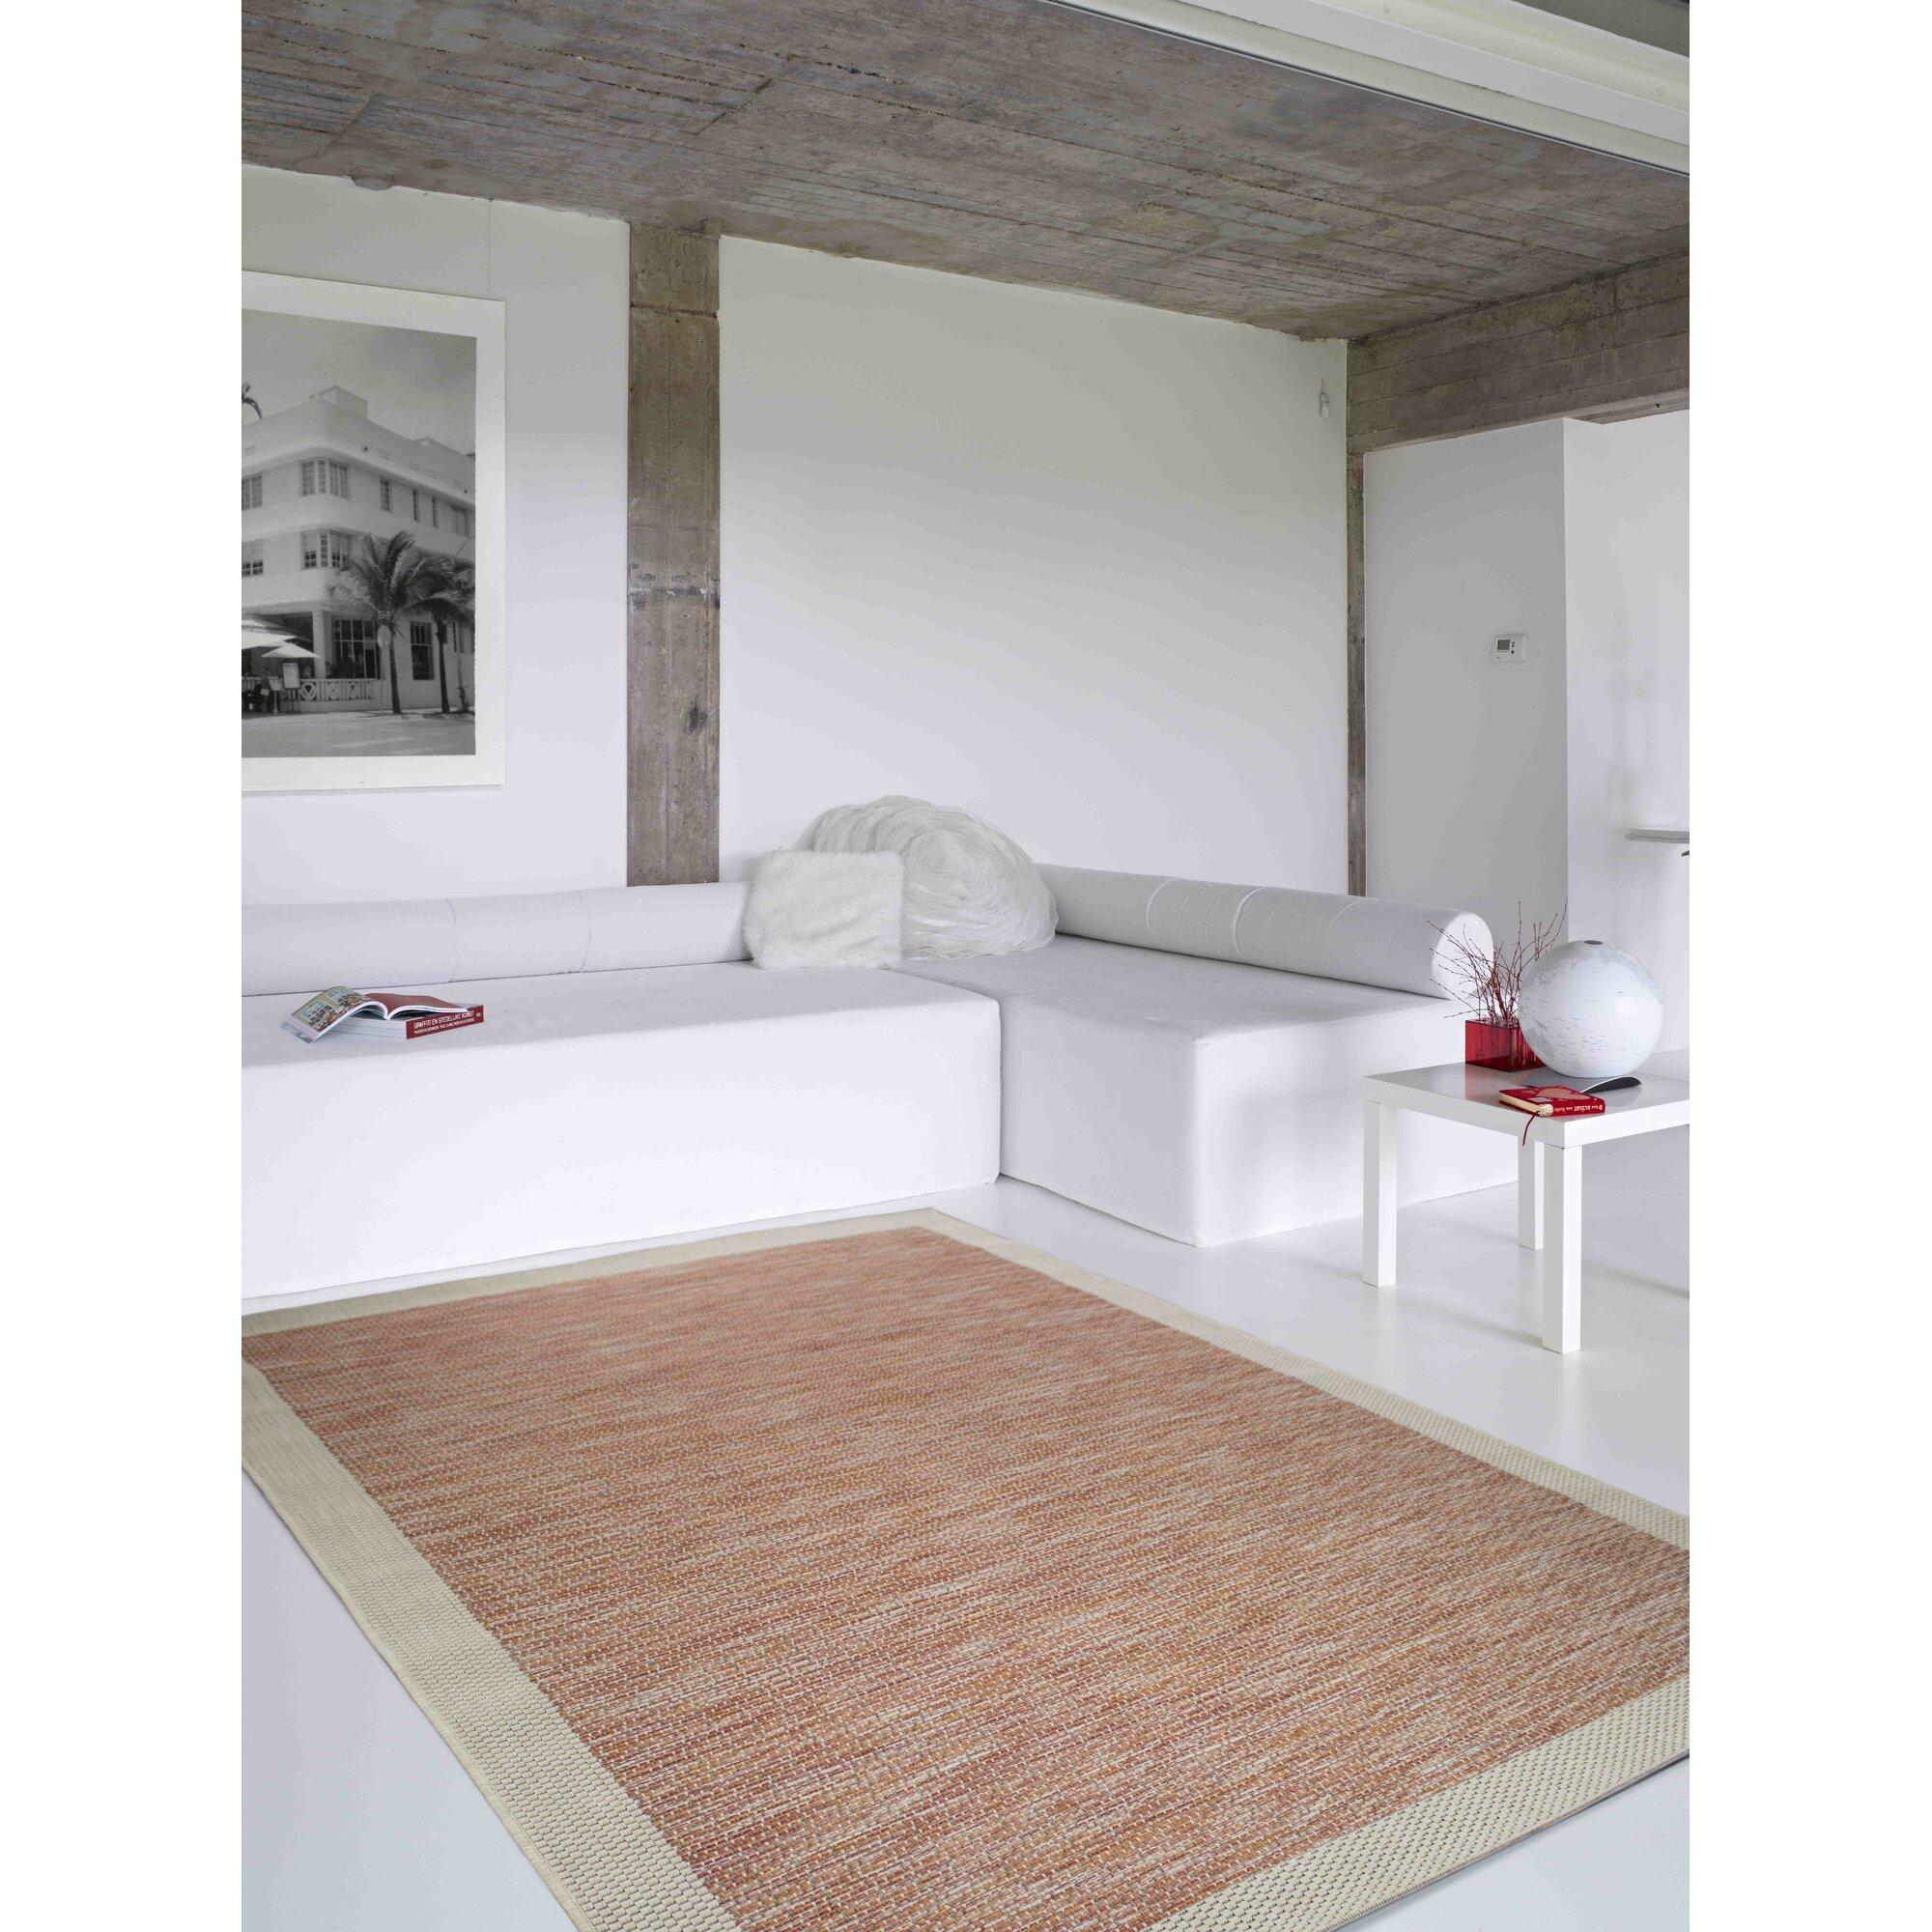 urban facettes innen au enteppich zephyr in sienarot bewertungen. Black Bedroom Furniture Sets. Home Design Ideas